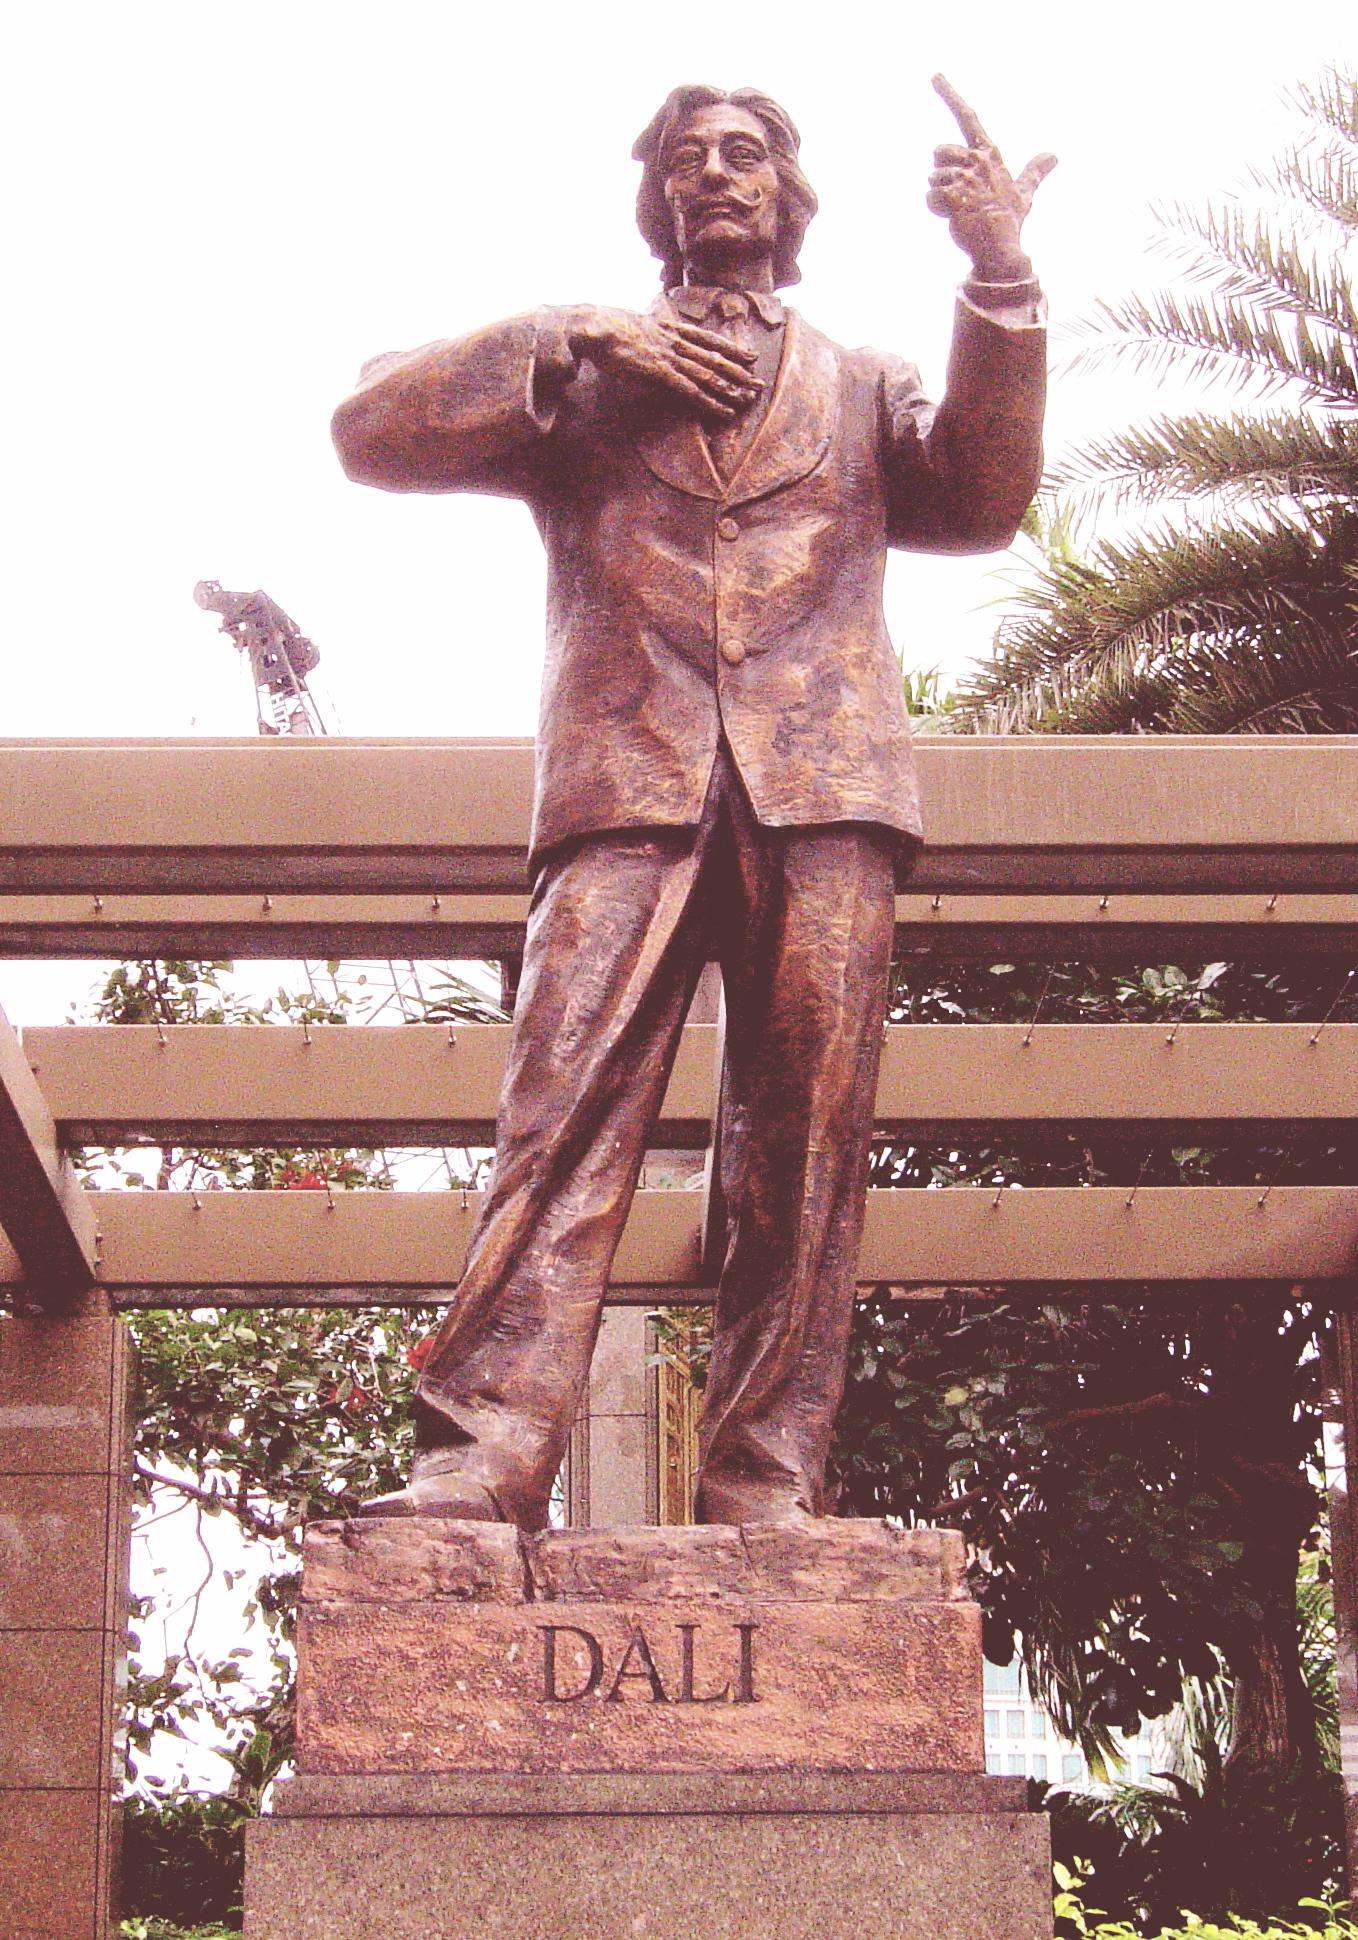 Statue of Dali in Singapore